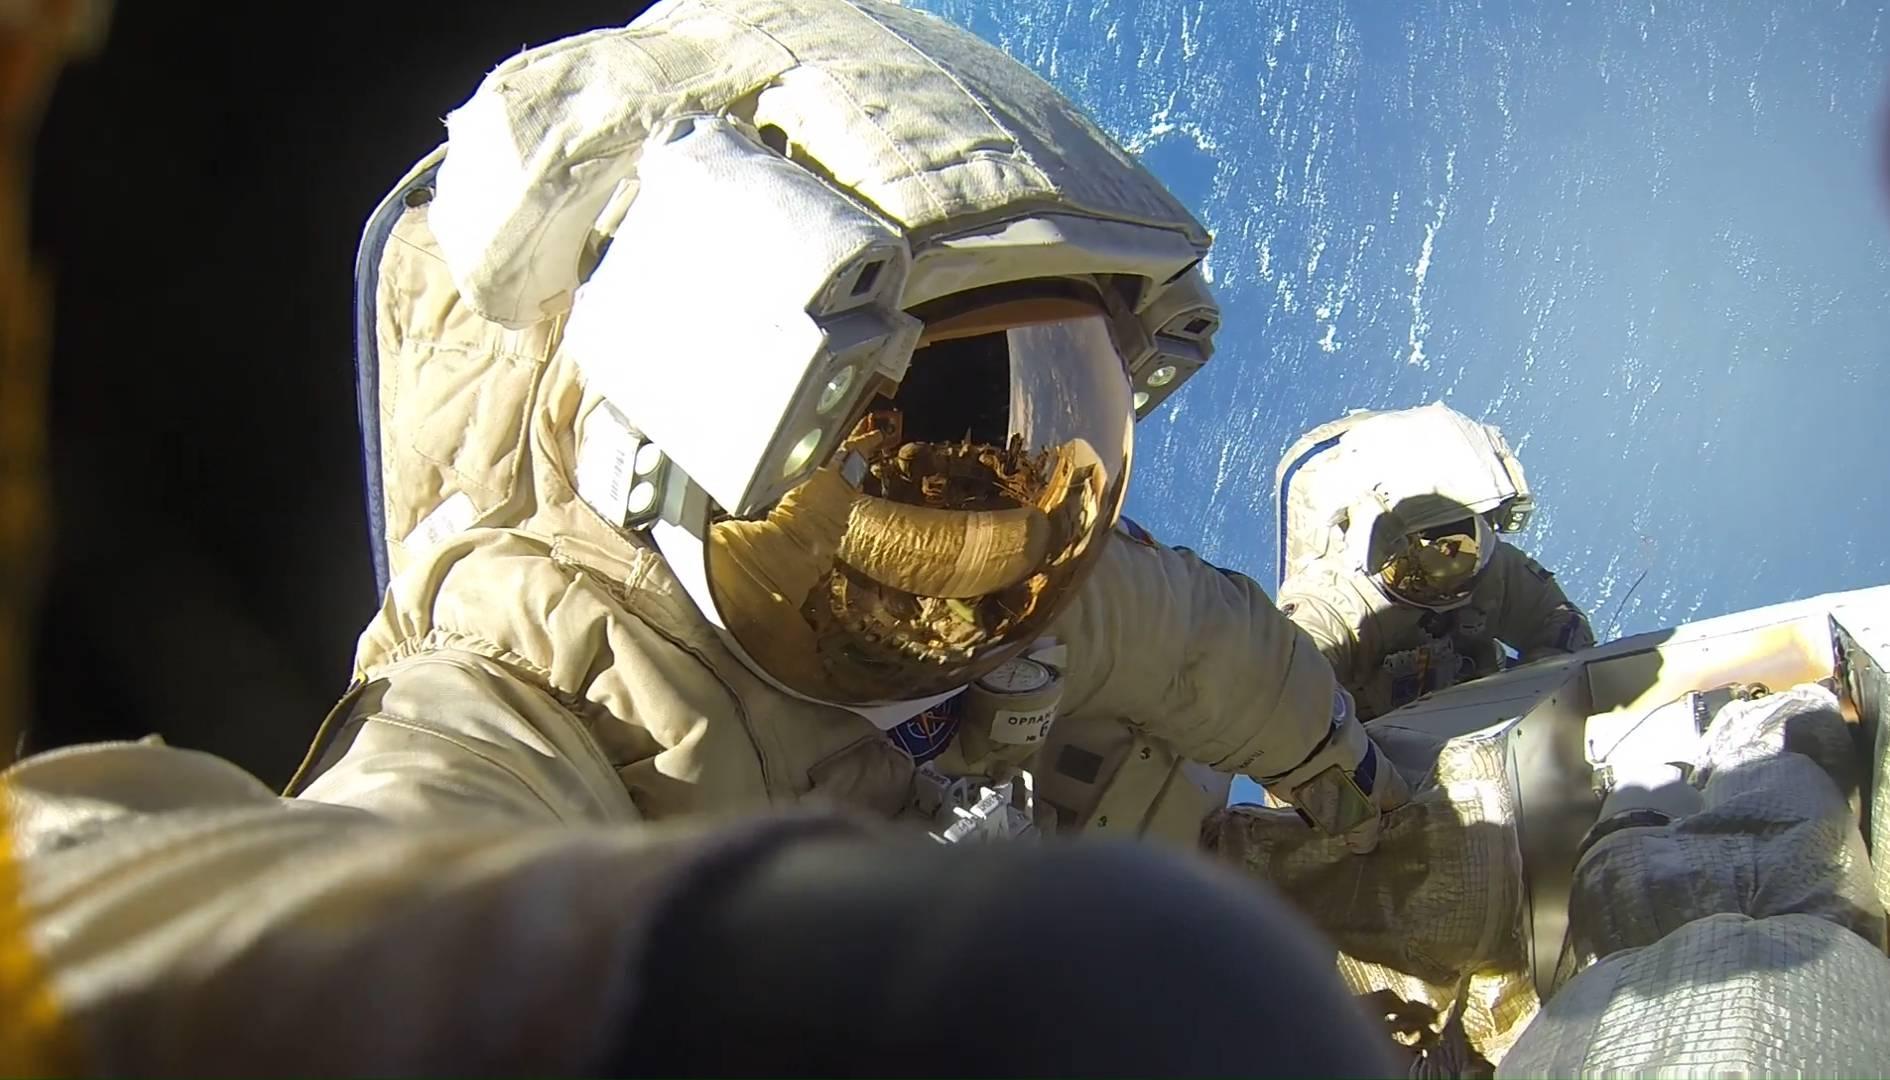 Выход космонавтов А. Мисуркина и А. Шкаплерова в открытый космос (ВКД-44)